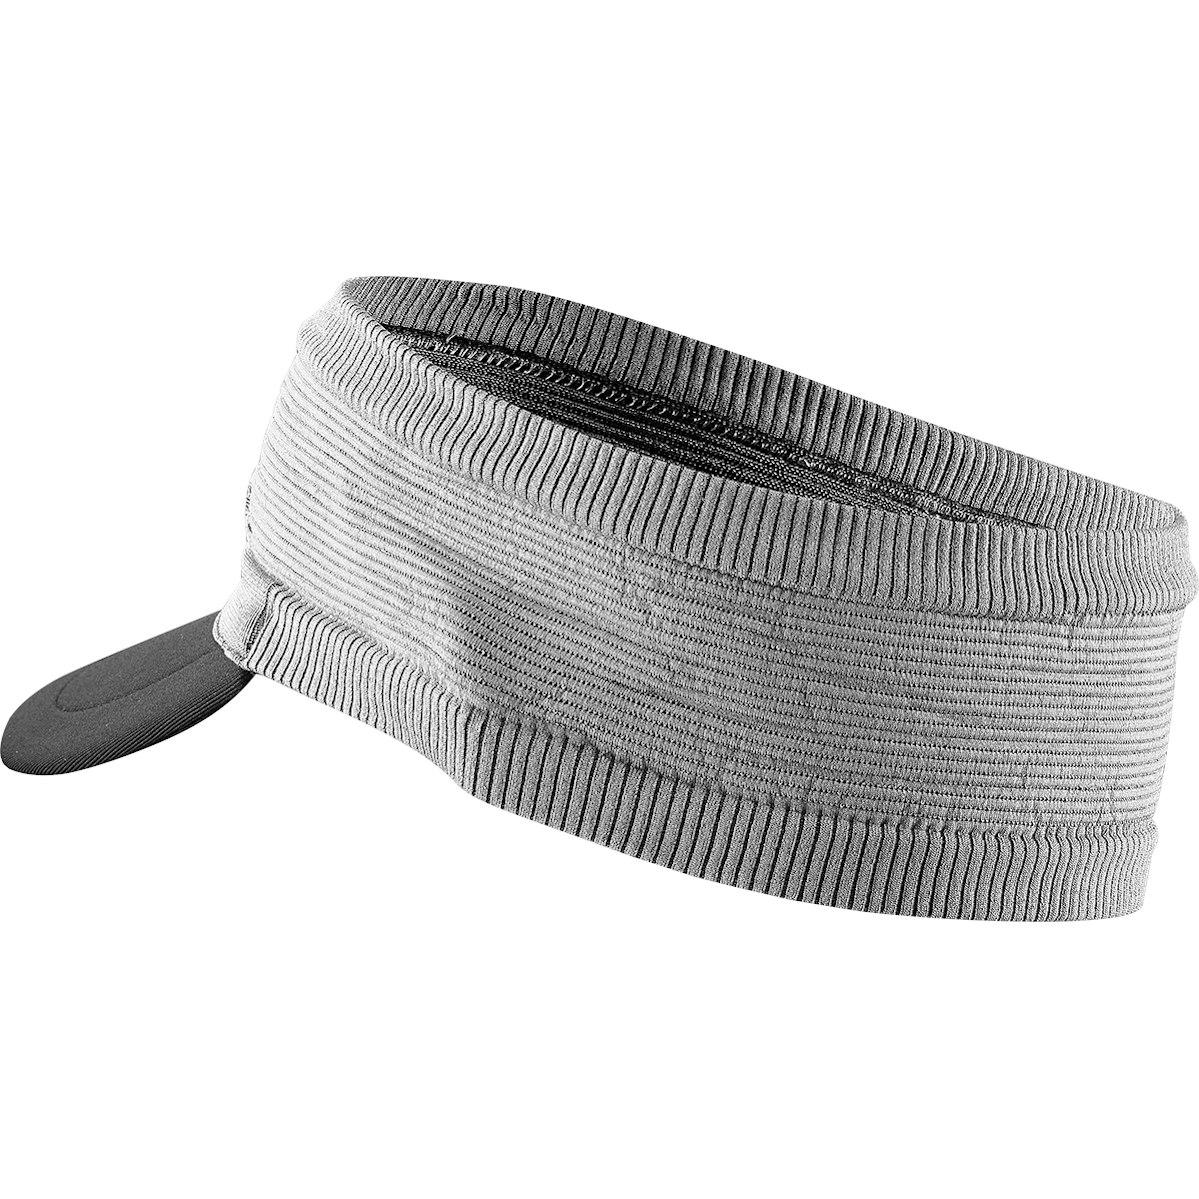 Bild von X-Bionic Fennec 4.0 Headband mit Schild - anthracite/silver